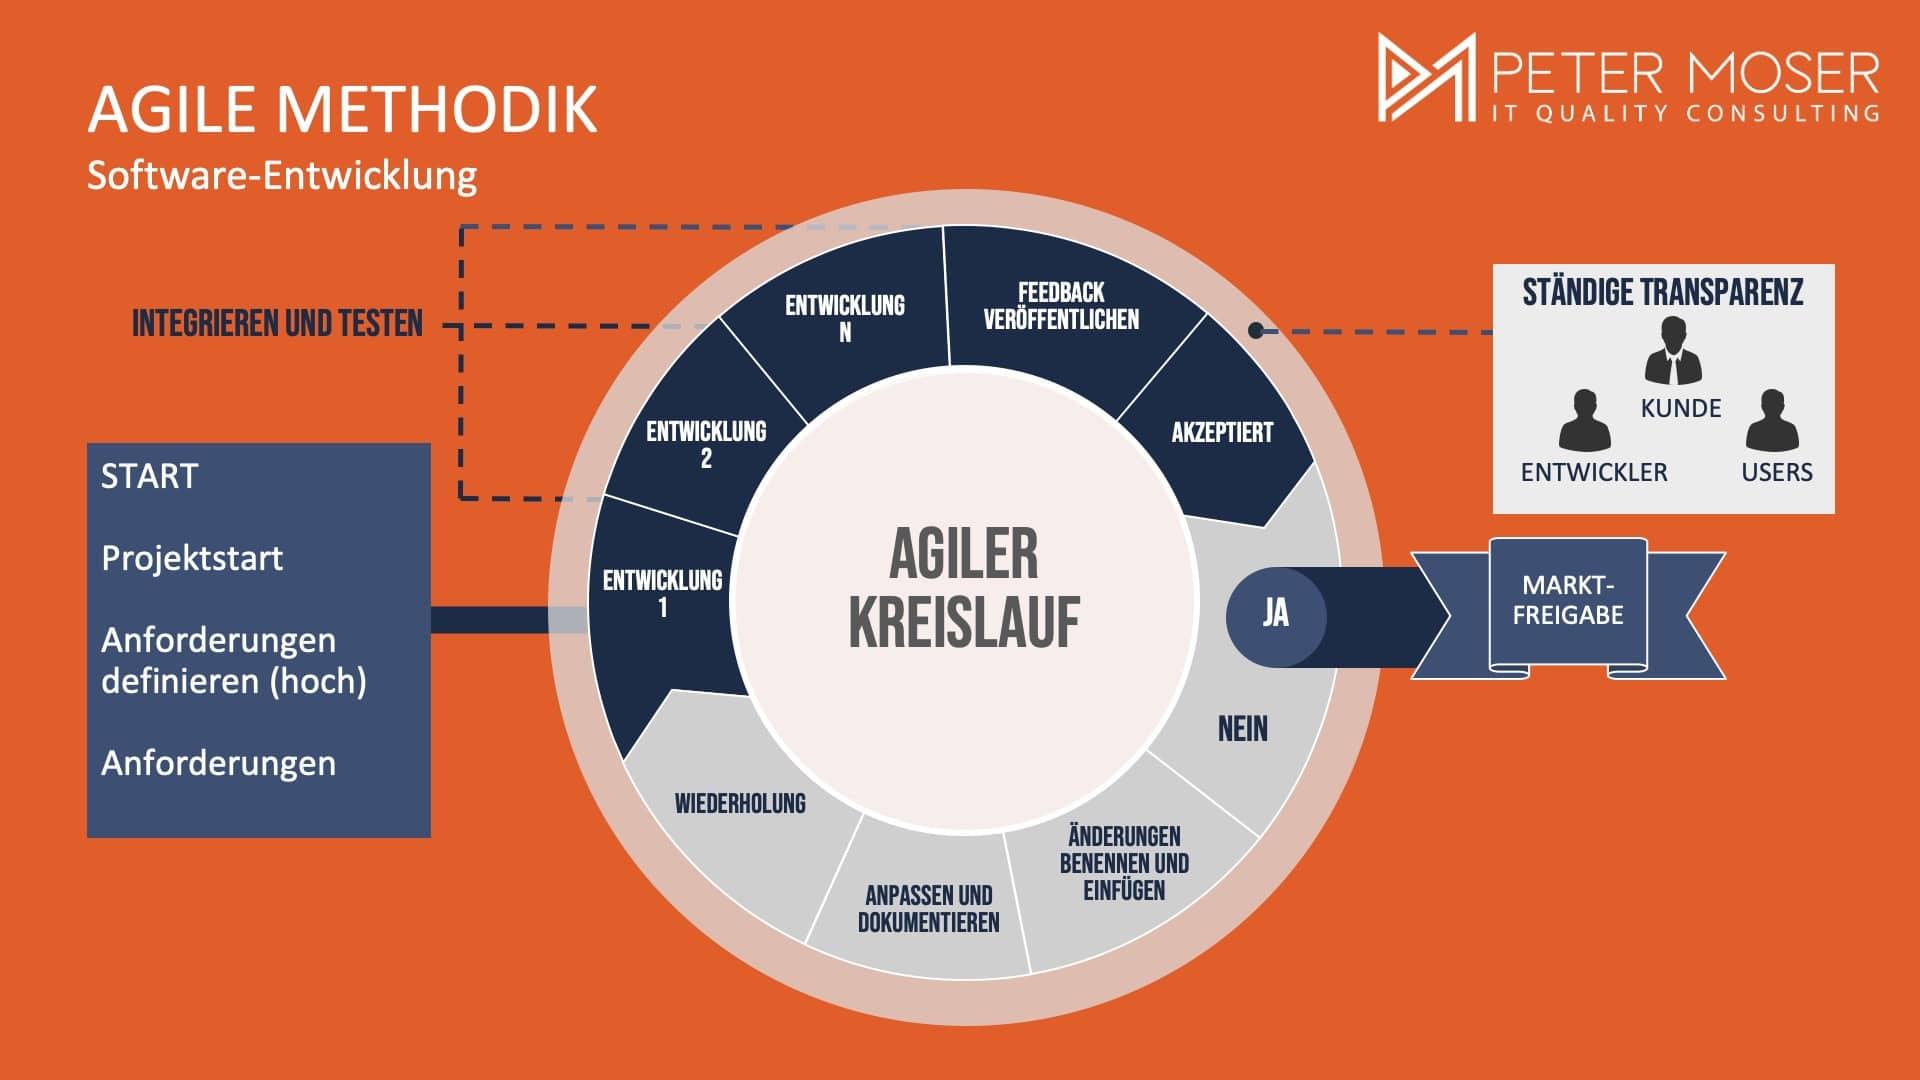 Agiler Kreislauf - Typische Sprintlieferung